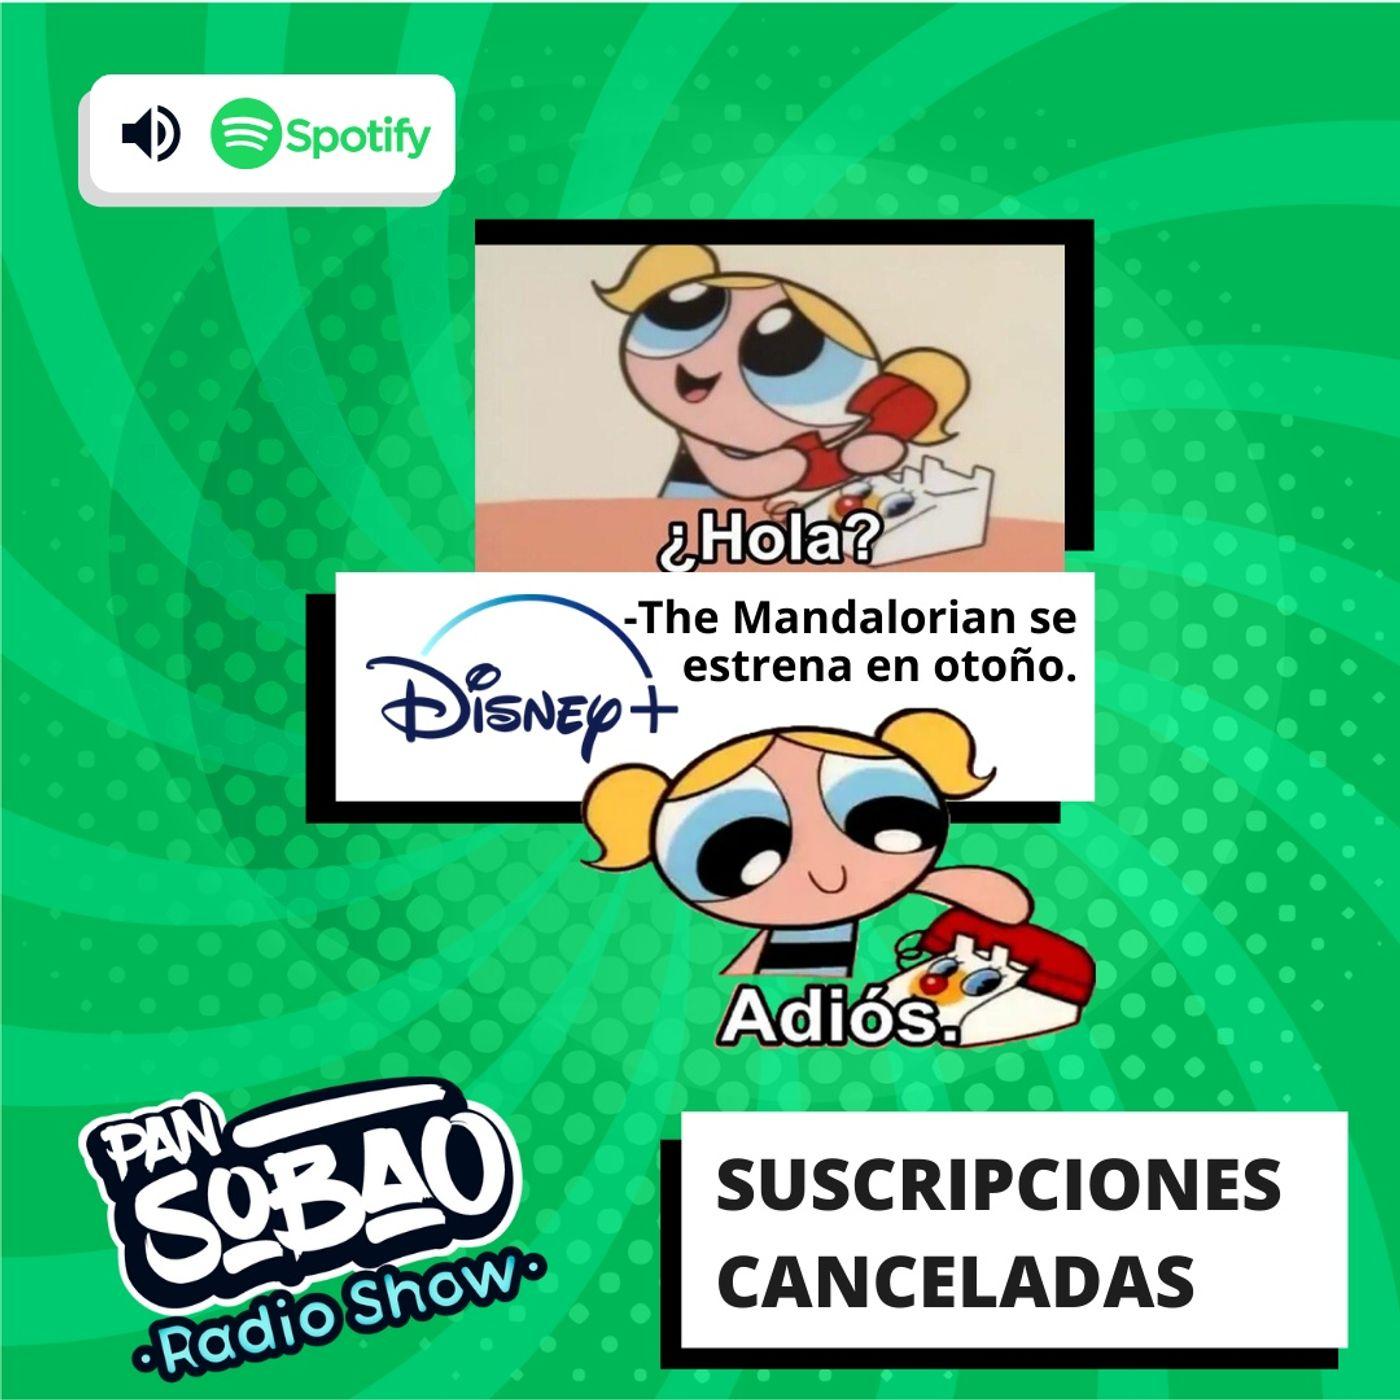 Cancelaciones masivas de Disney Plus por falta de contenido